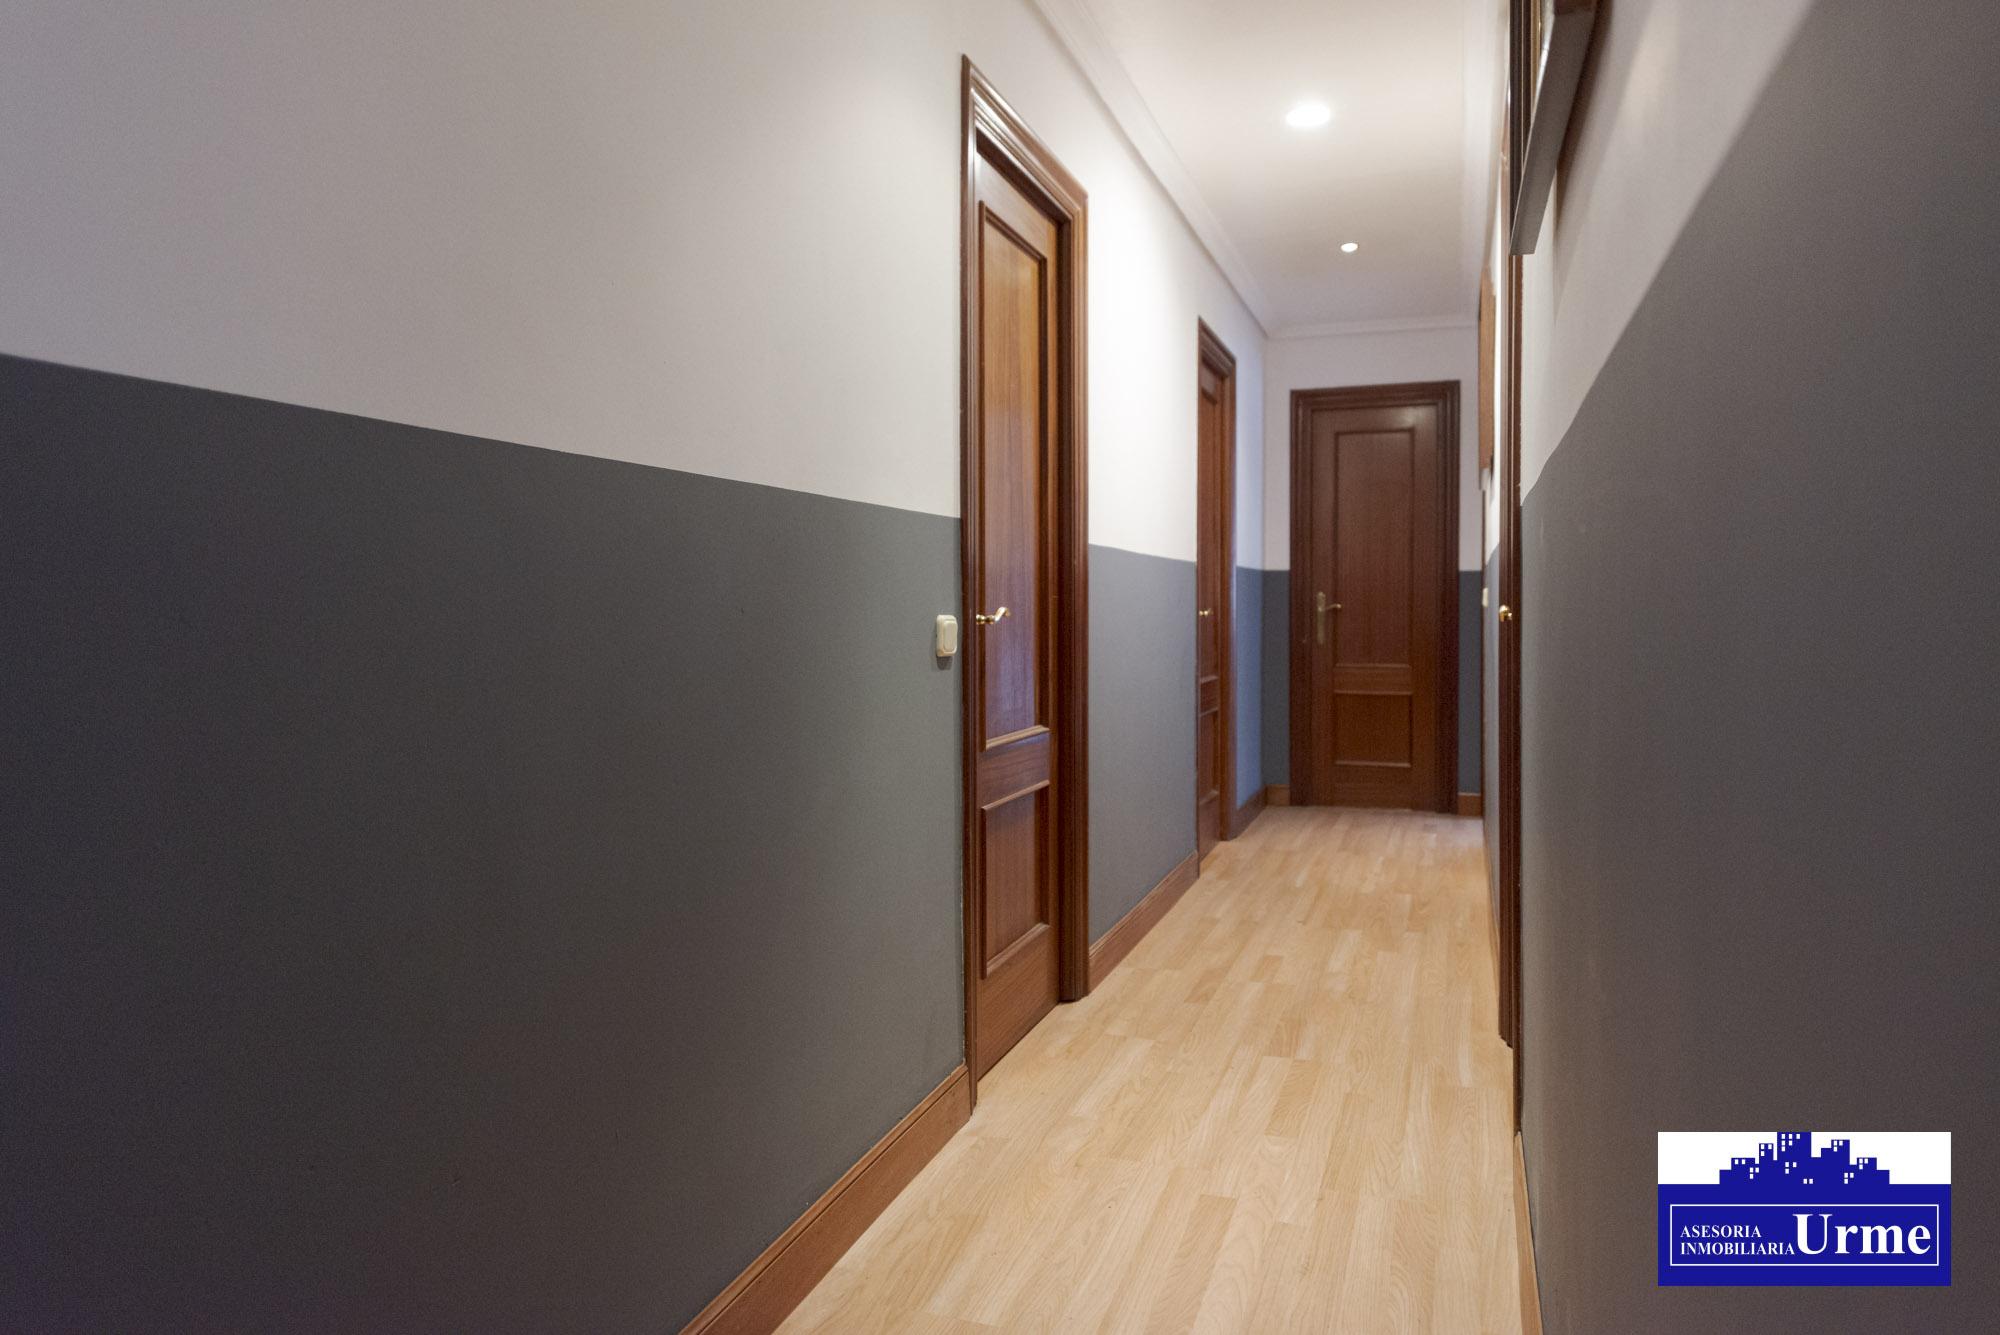 Nuevo Precio!!En Paseo de Colon,sin barreras arquitectonicas, 84m2 +Terracita!3 habitaciones,salon,cocina equipada y baño. Ven a visitarlo!!